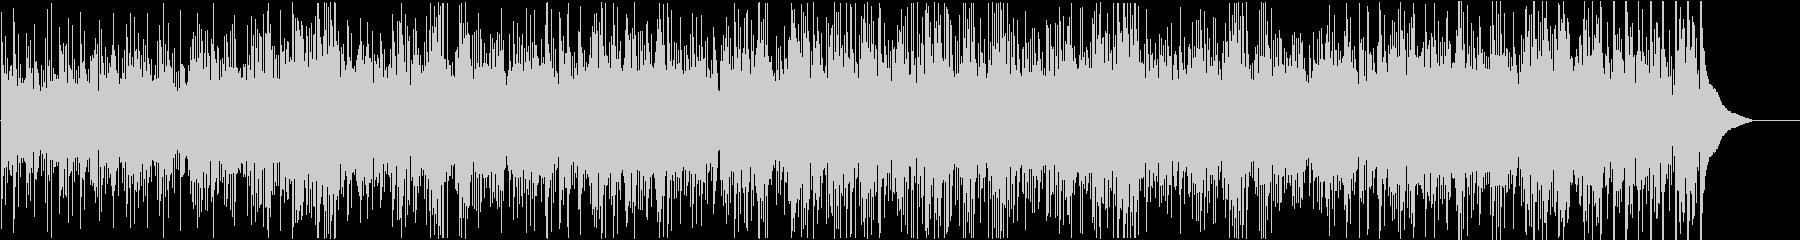 【生演奏】アコギが爽やかな明るいBGMの未再生の波形